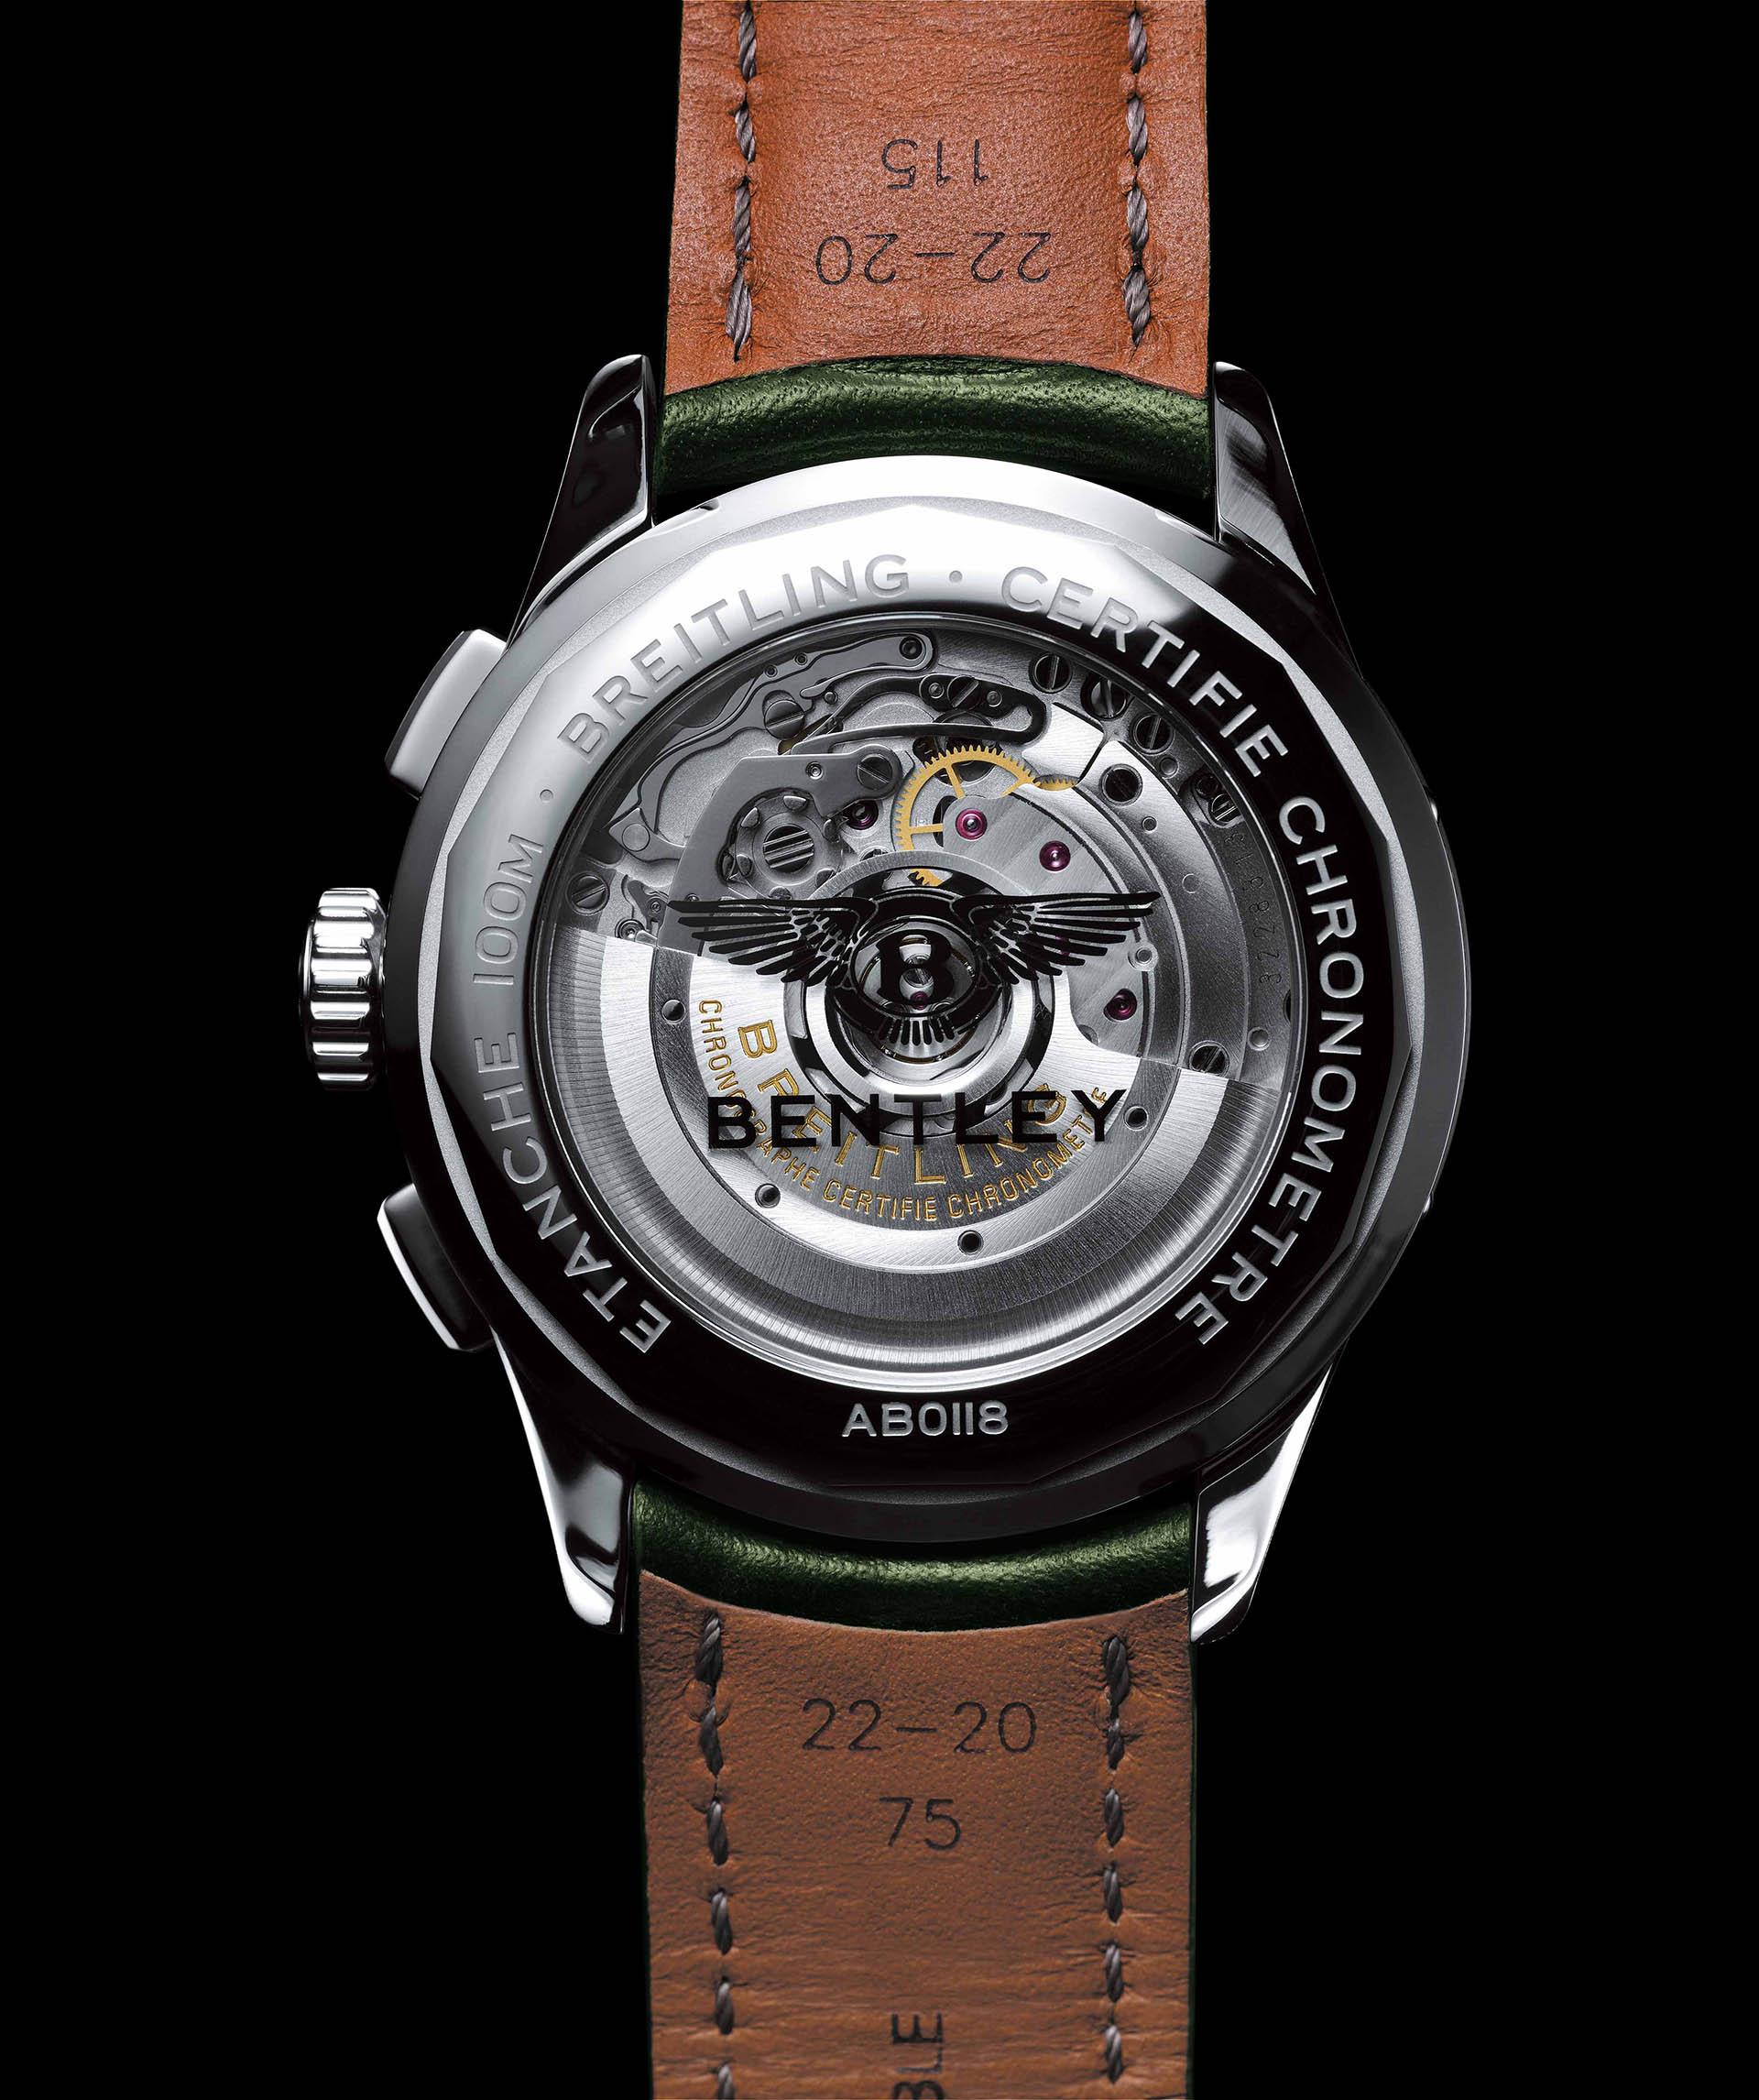 Der neue Bentley-Chronograph hat ein Manufakturkaliber B01